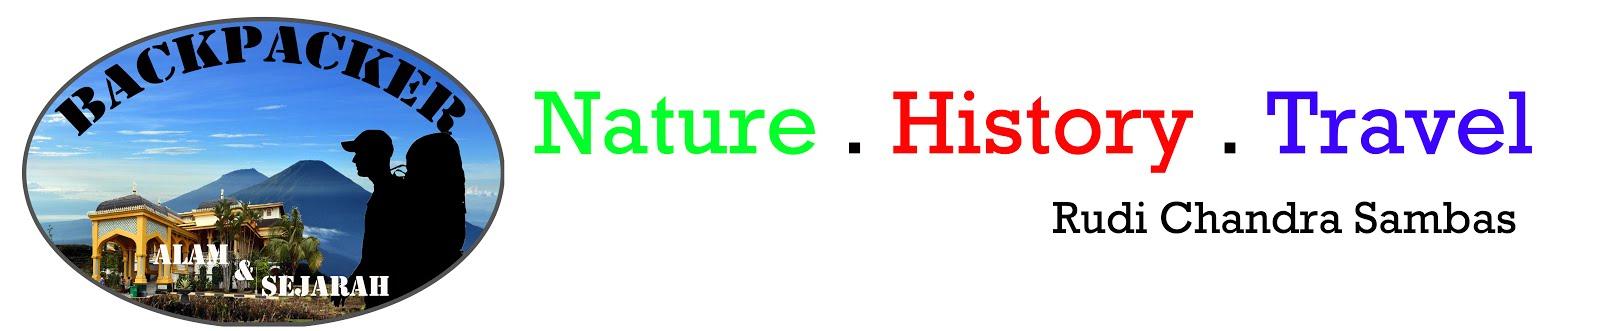 Backpacker Alam dan Sejarah